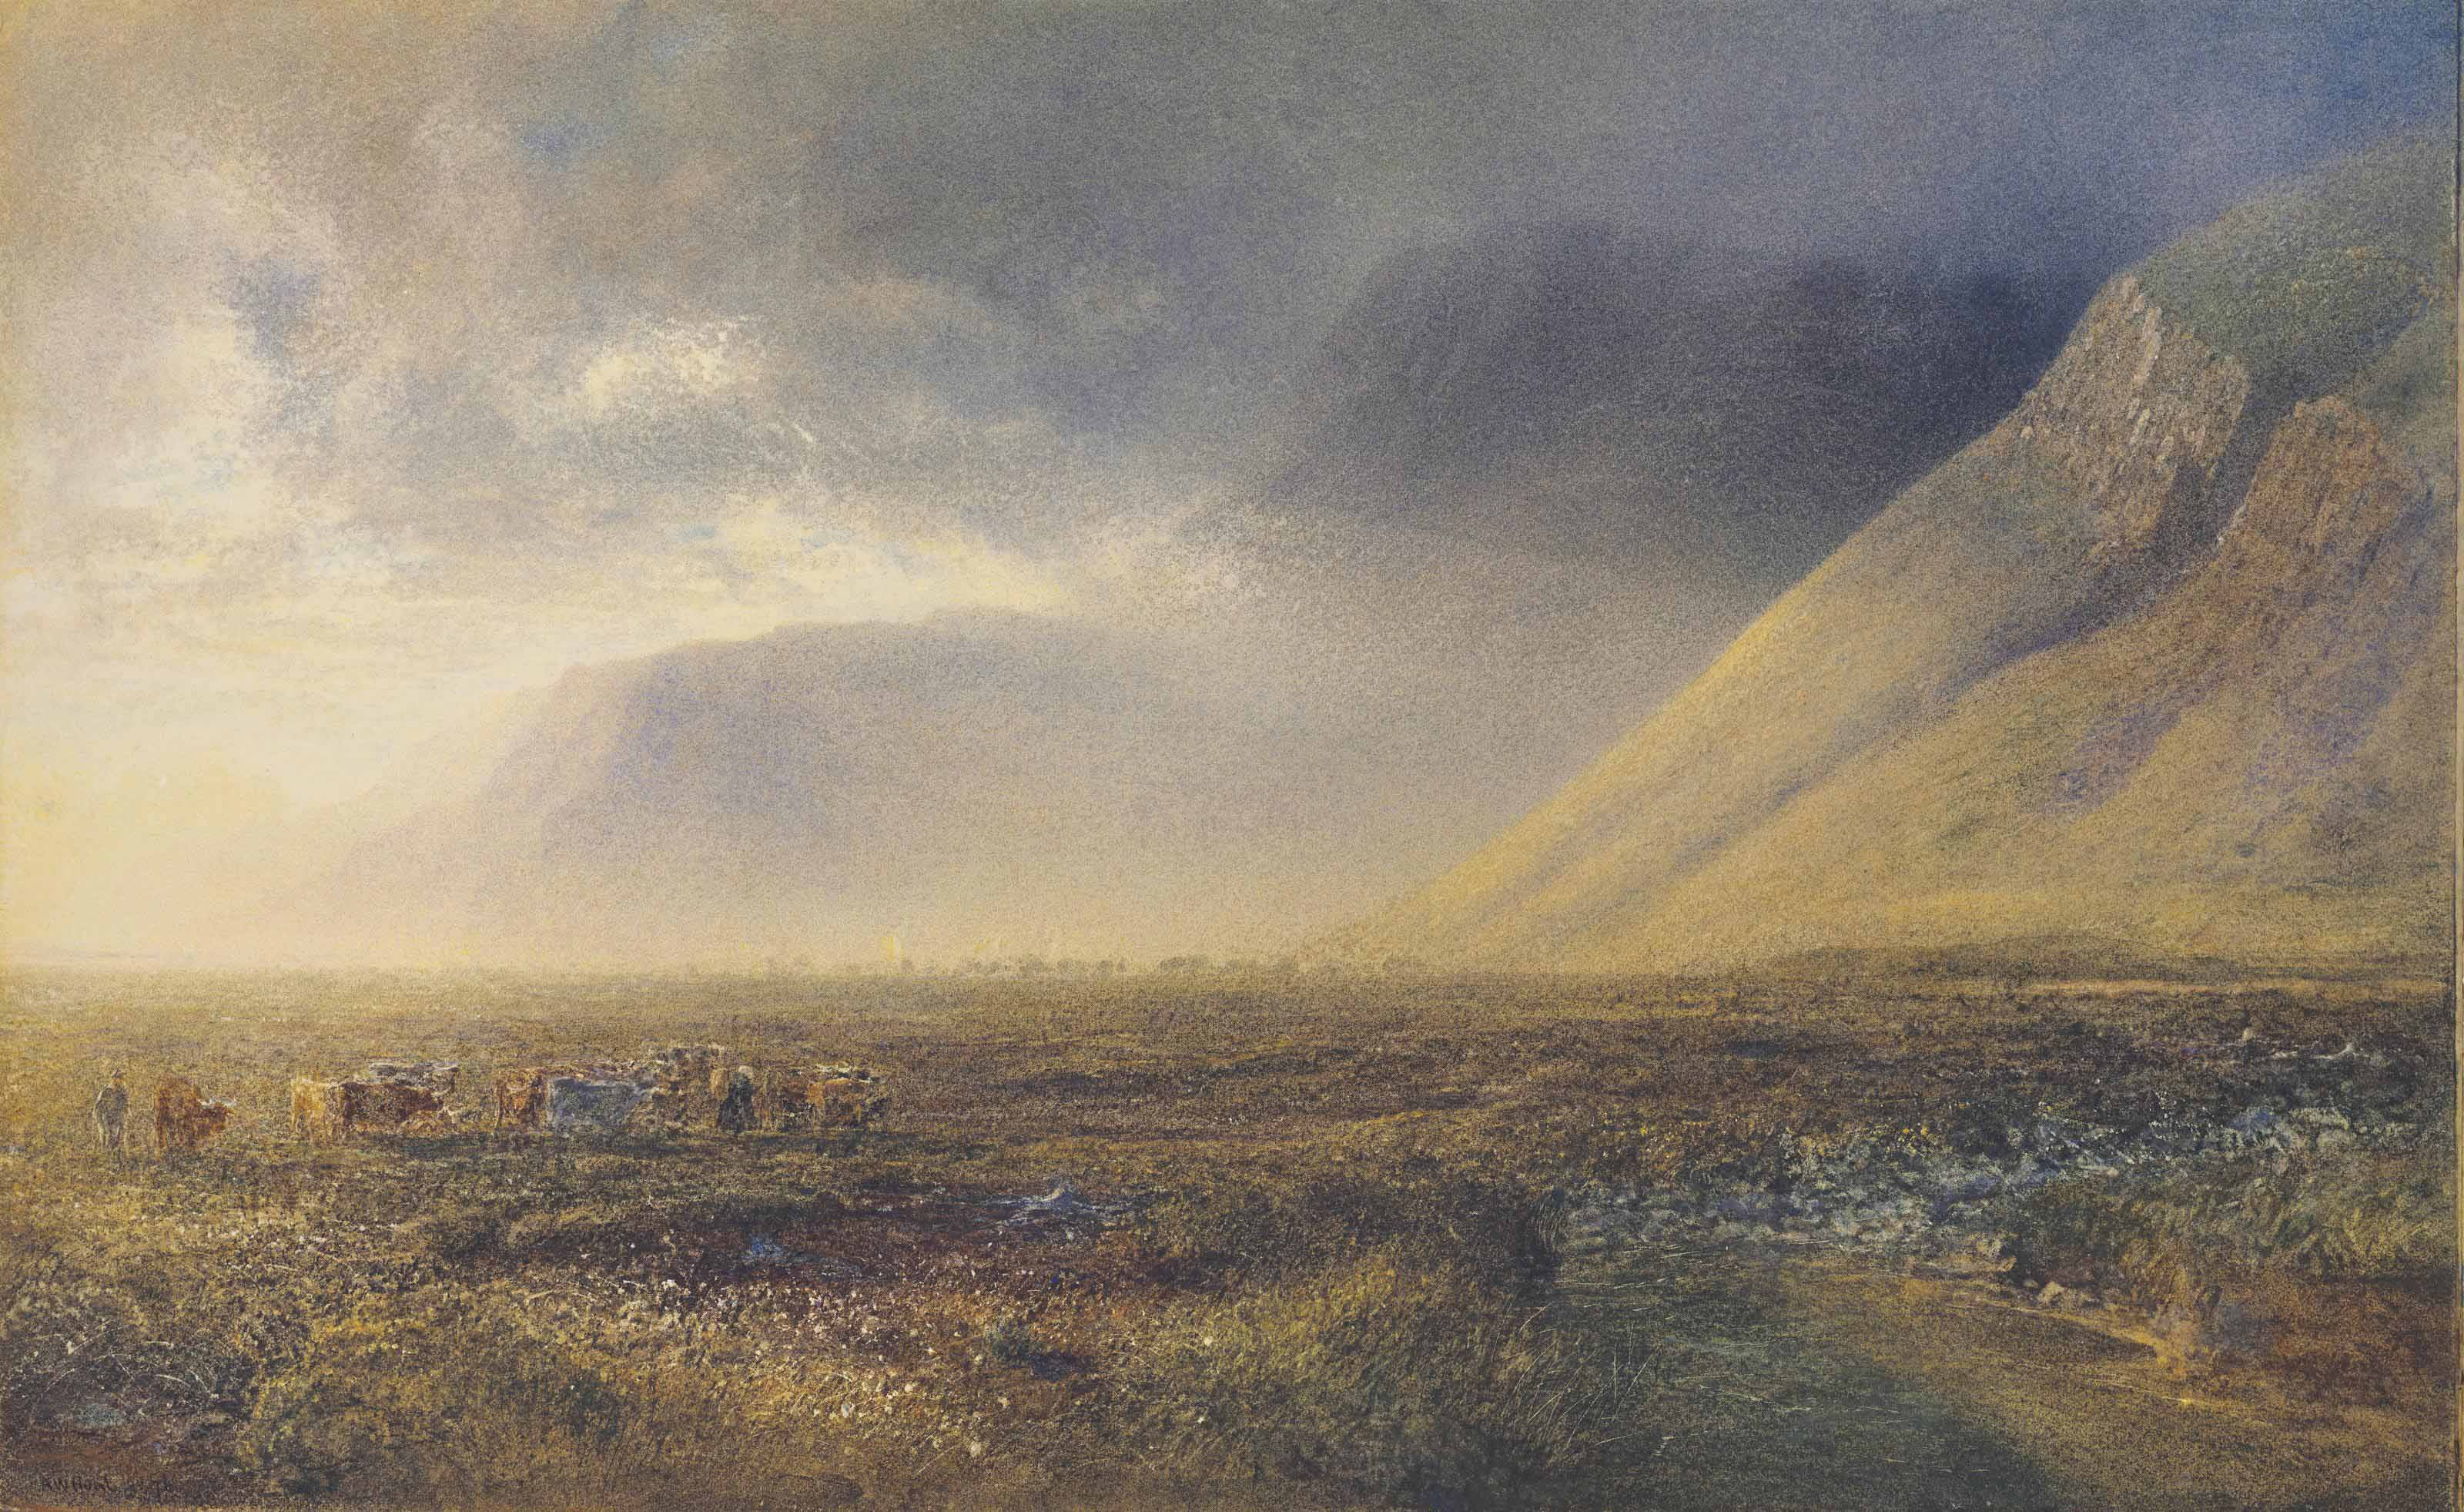 Rising mist, Loch Maree, Highlands